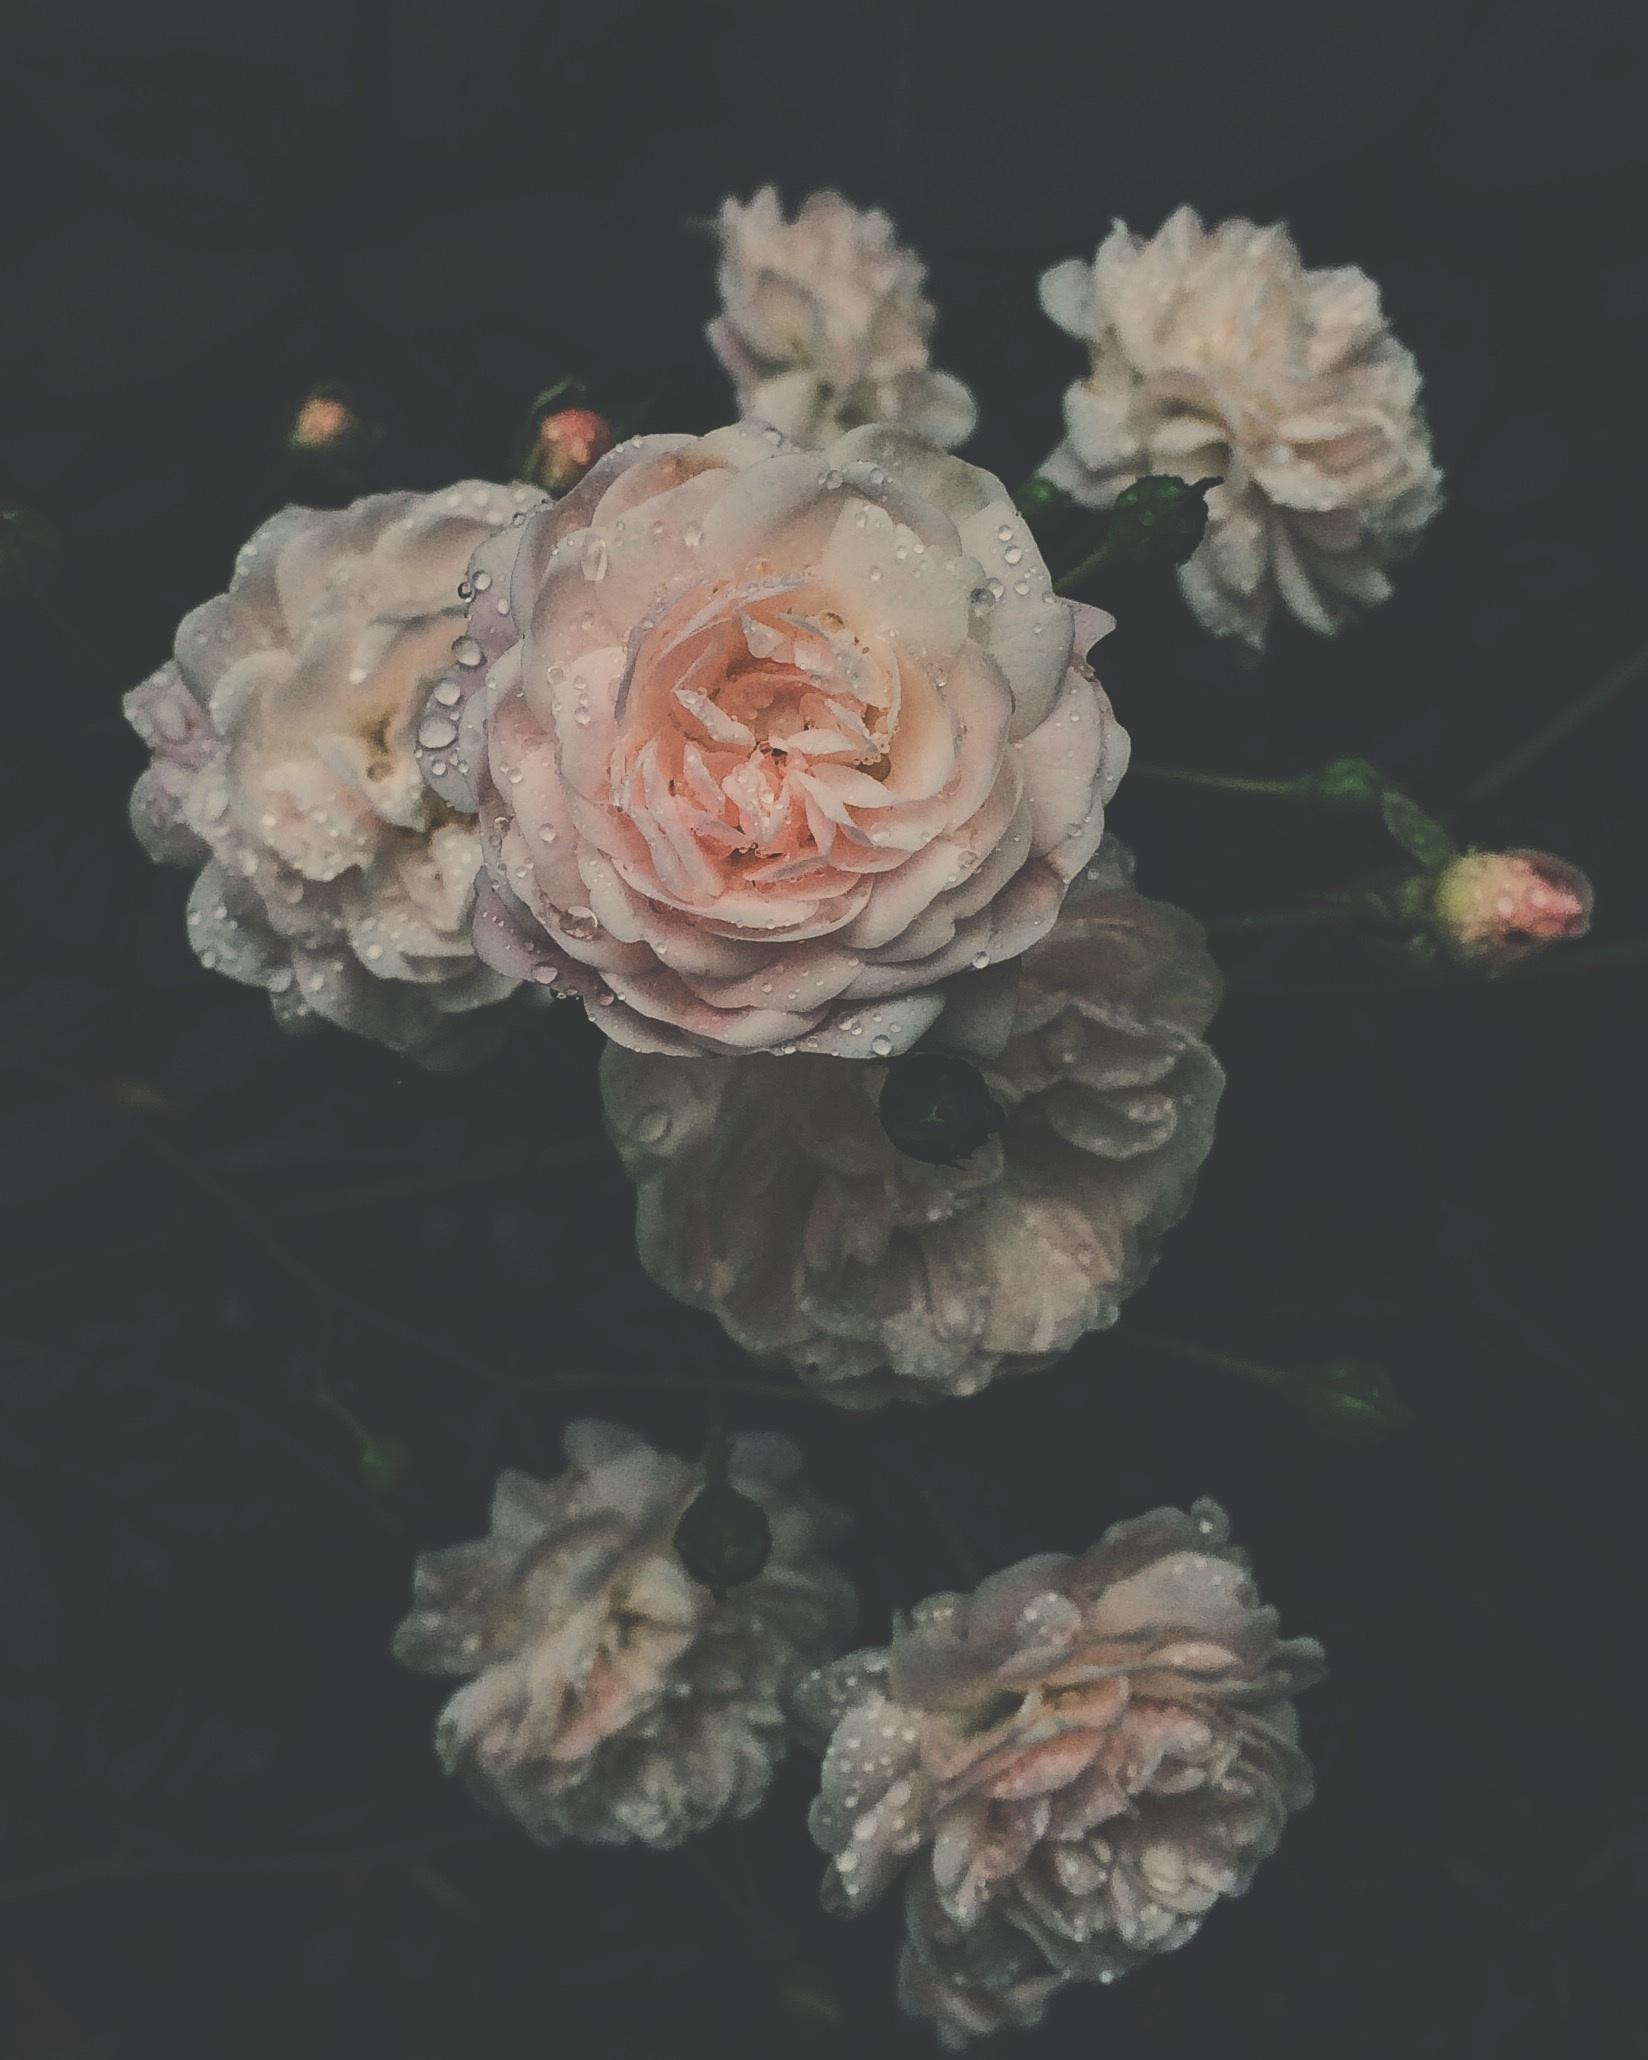 Garden Roses Flower Petal: Free Images : Blossom, Flower, Petal, Rose, Pink, Flora